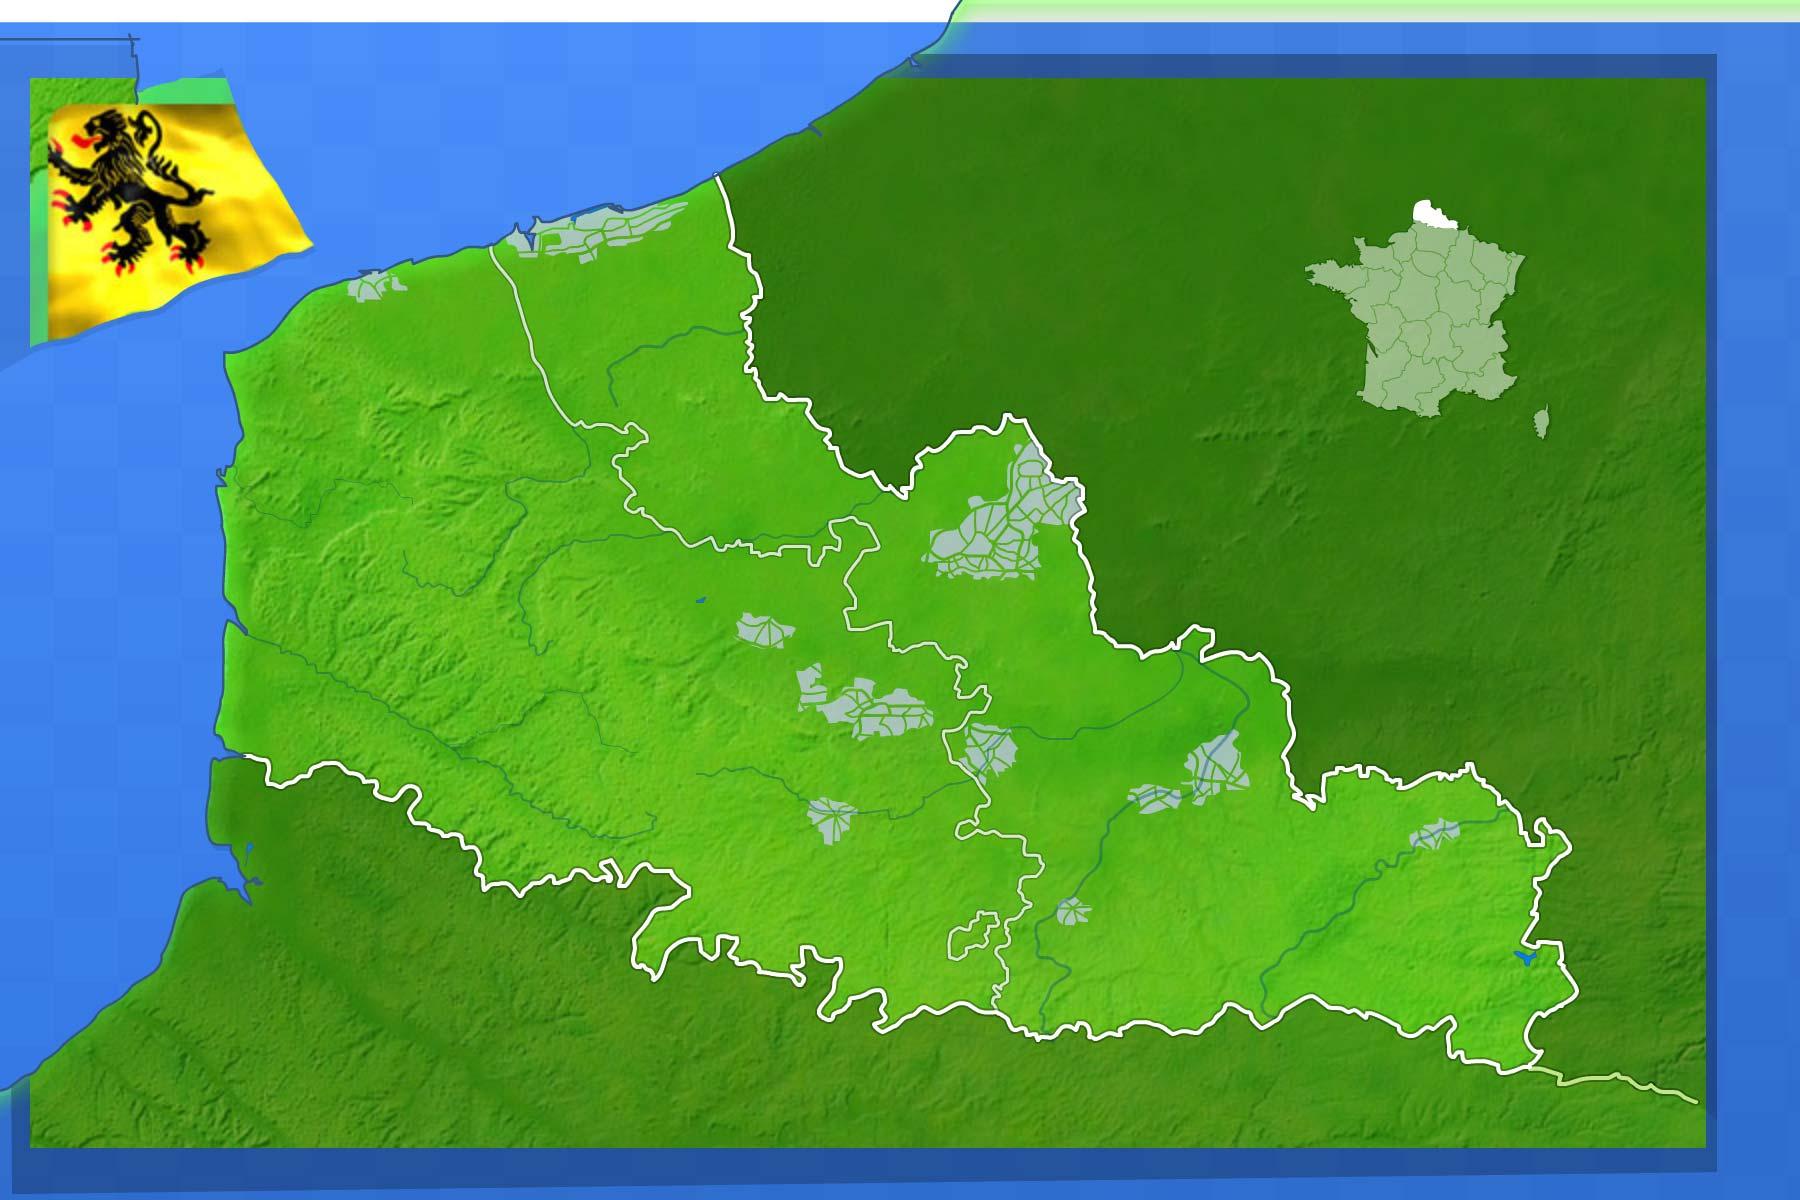 Jeux-Geographiques Jeux Gratuits Villes Du Nord Pas De serapportantà Jeux De Geographie